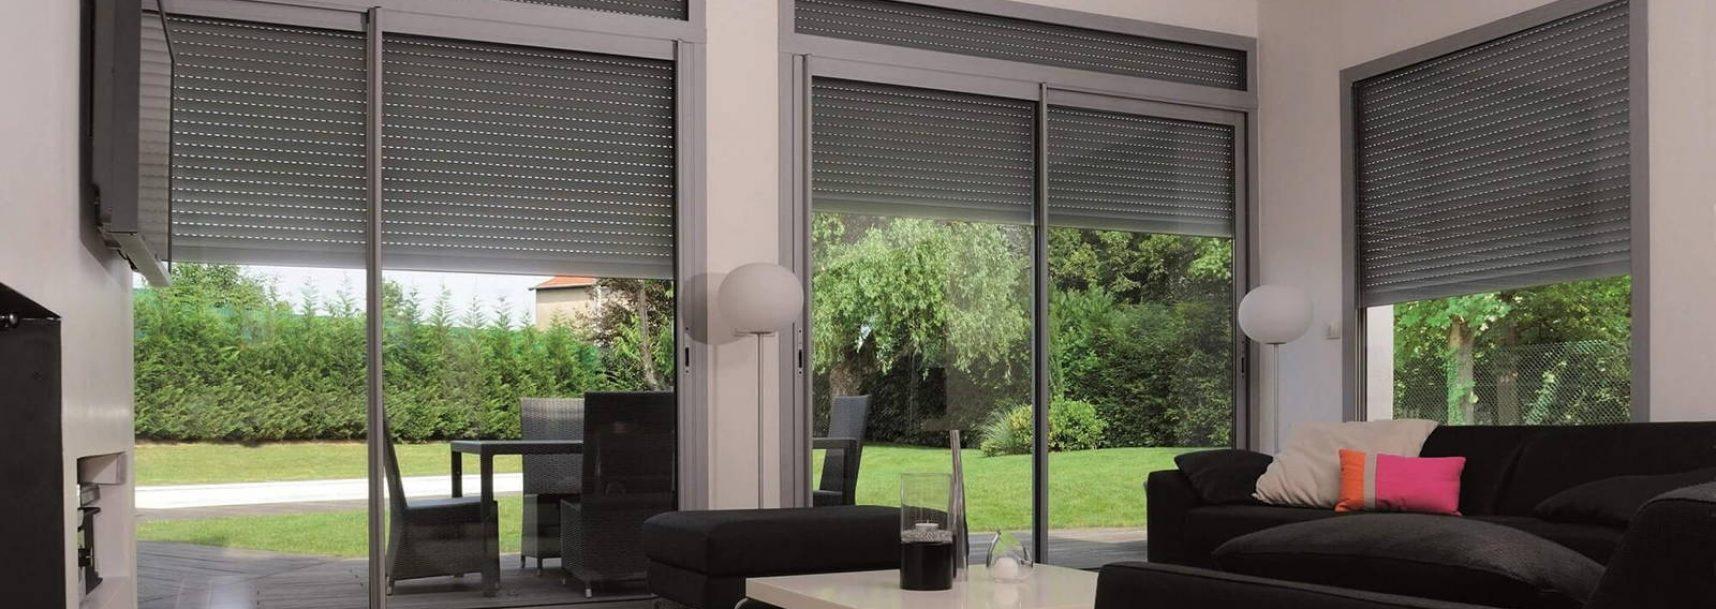 volets roulants conform Allier Auvergne énergie gris design baie vitrée